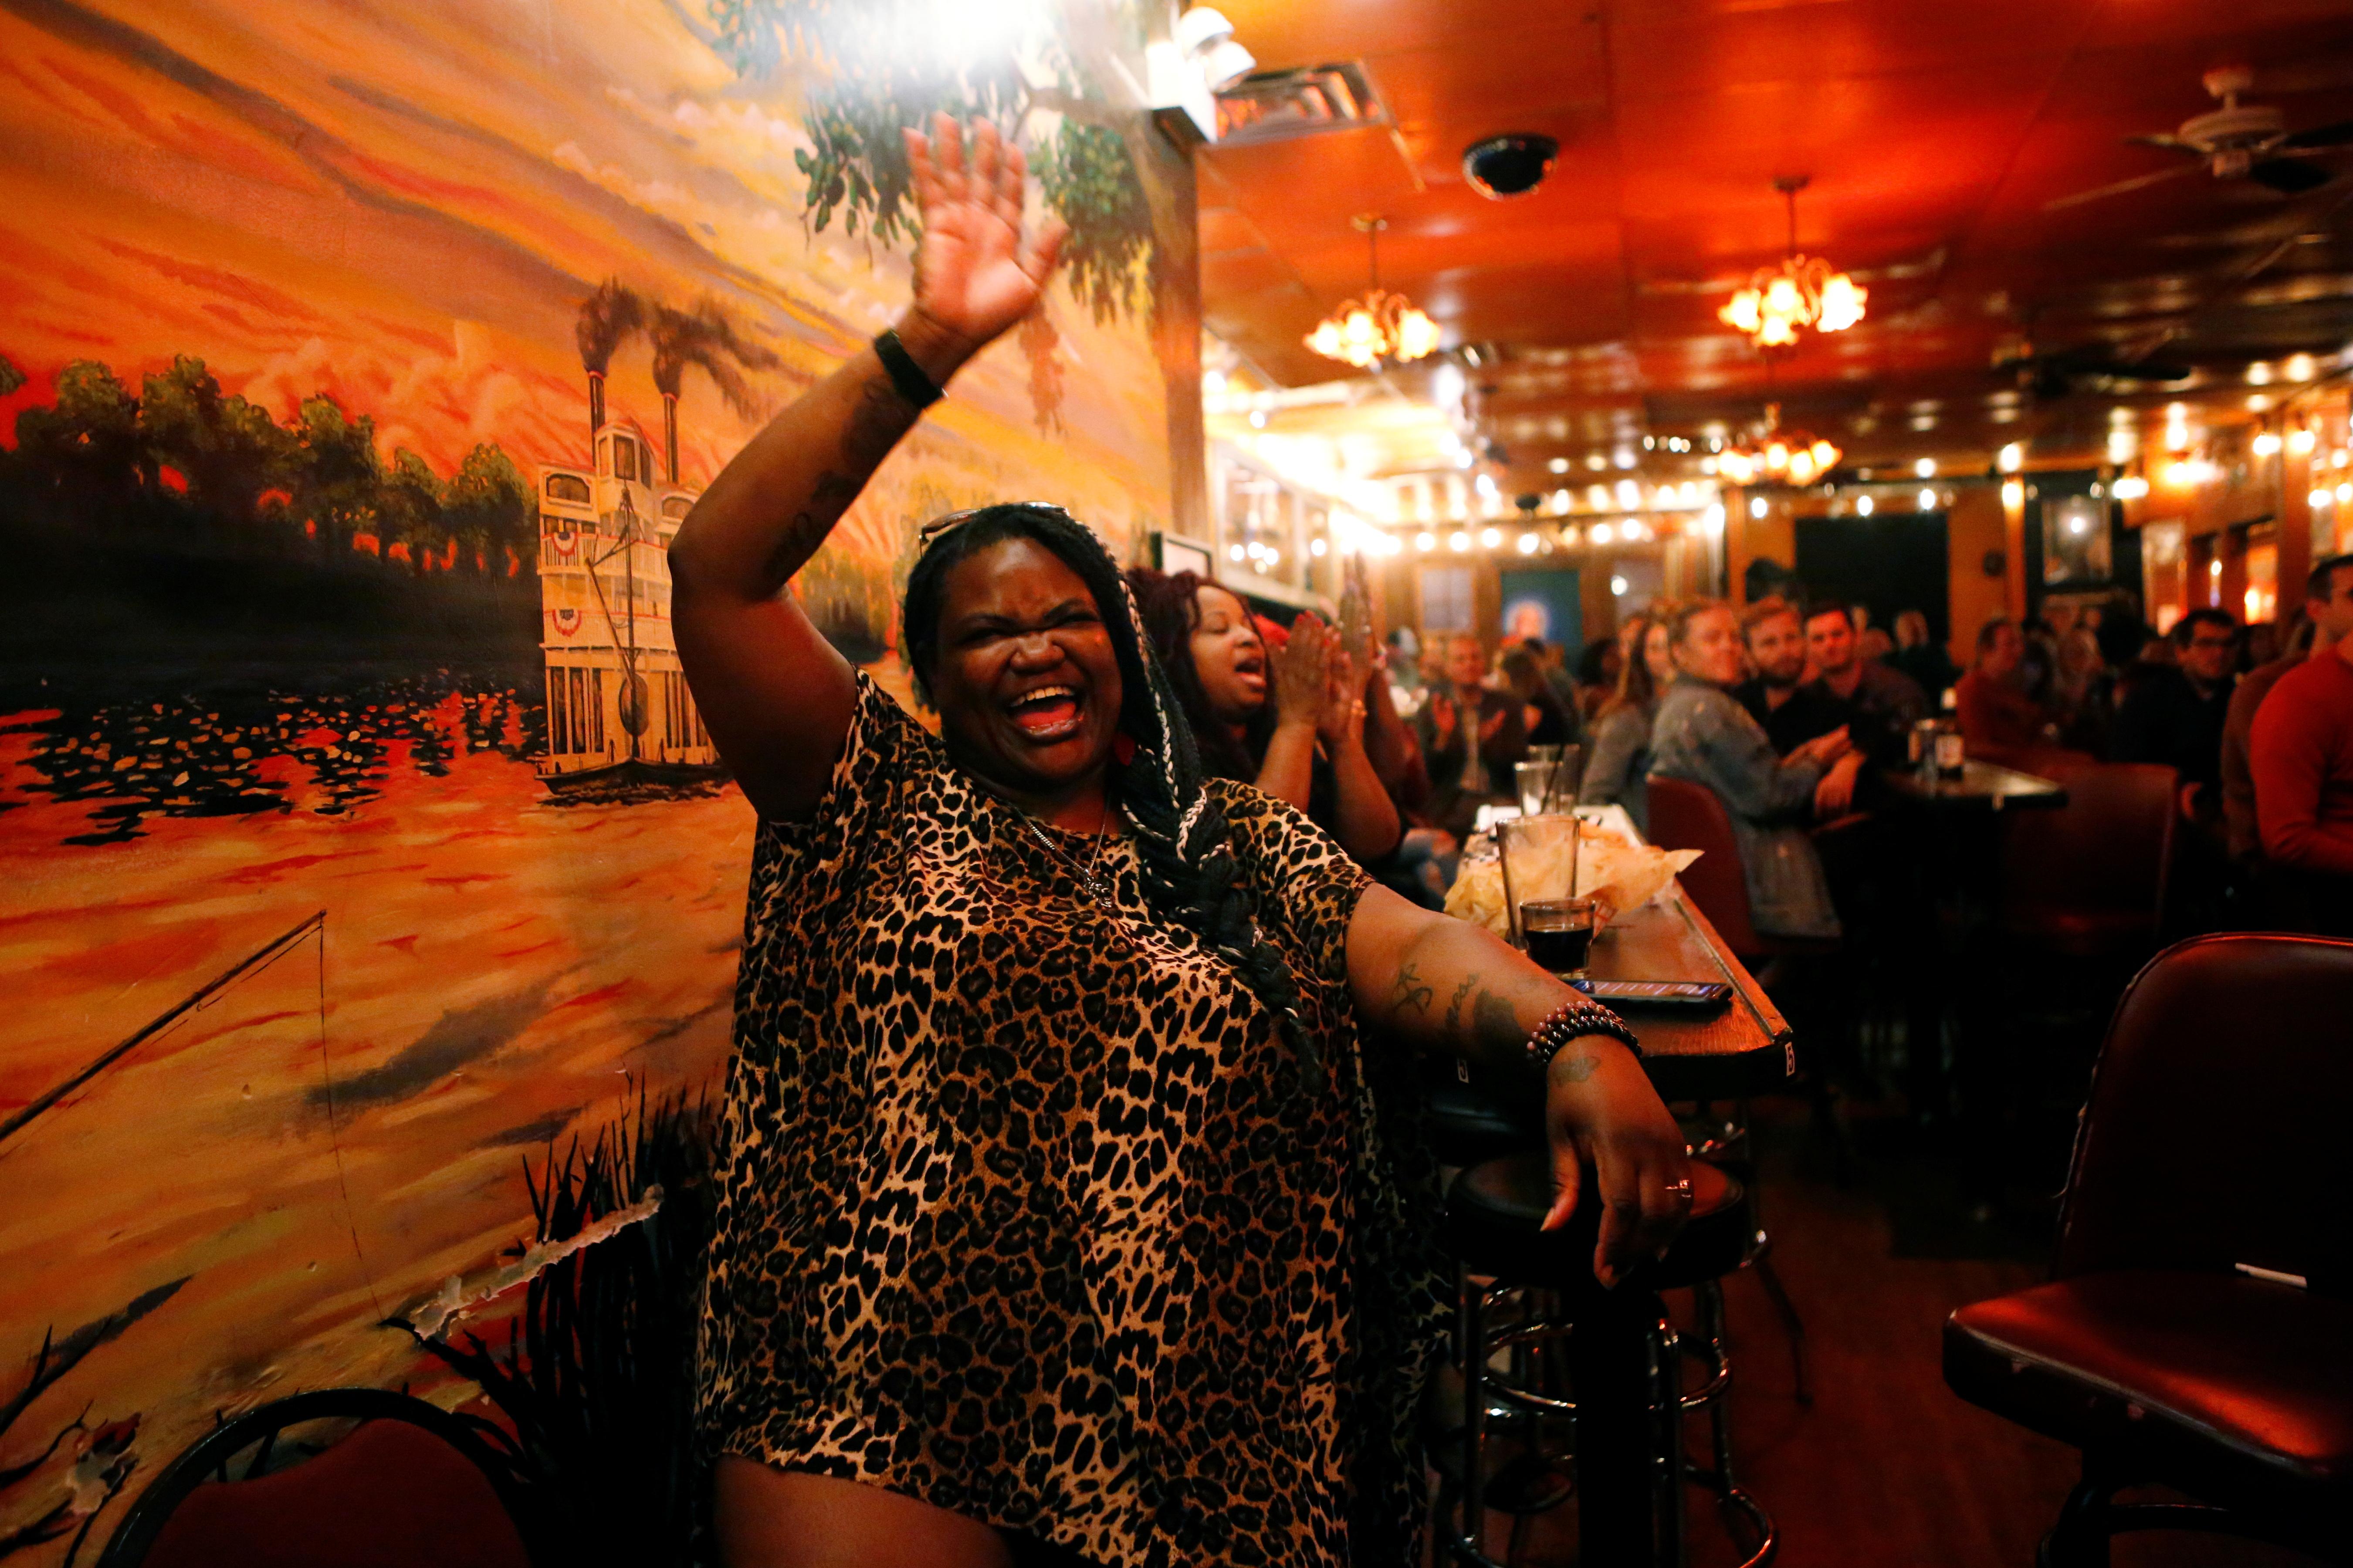 Ekua Riah D. Lioness disfruta de la música en vivo mientras se alivian las restricciones de la enfermedad por coronavirus (COVID-19) en el bar de blues Kingston Mines en Chicago, Illinois, EE. UU., 24 de junio de 2021. REUTERS / Eileen T. Meslar